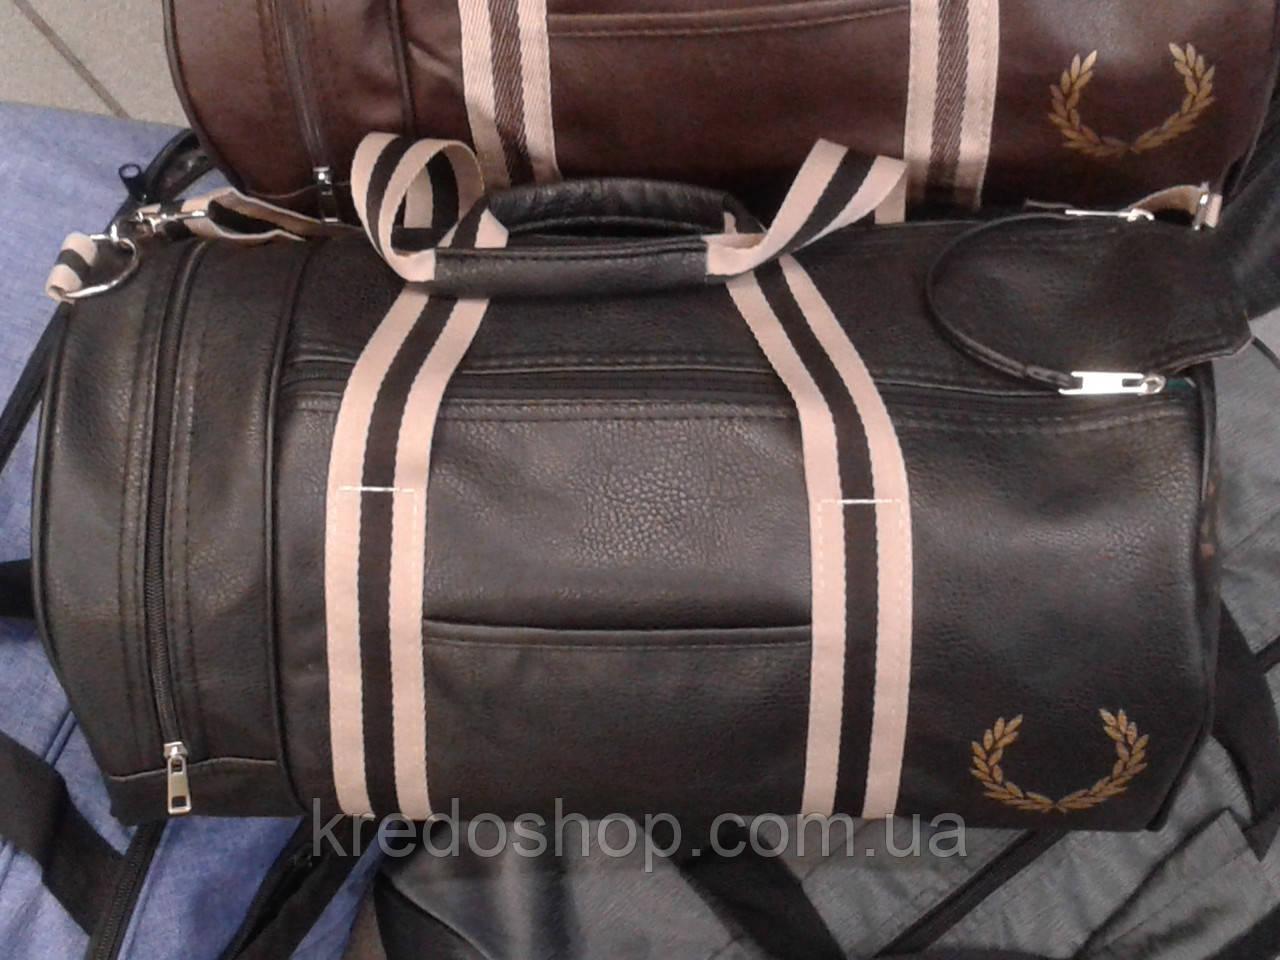 58c1bfe2 Сумка баул стильная спортивная черная FRED PERRY - Интернет-магазин сумок и  аксессуаров